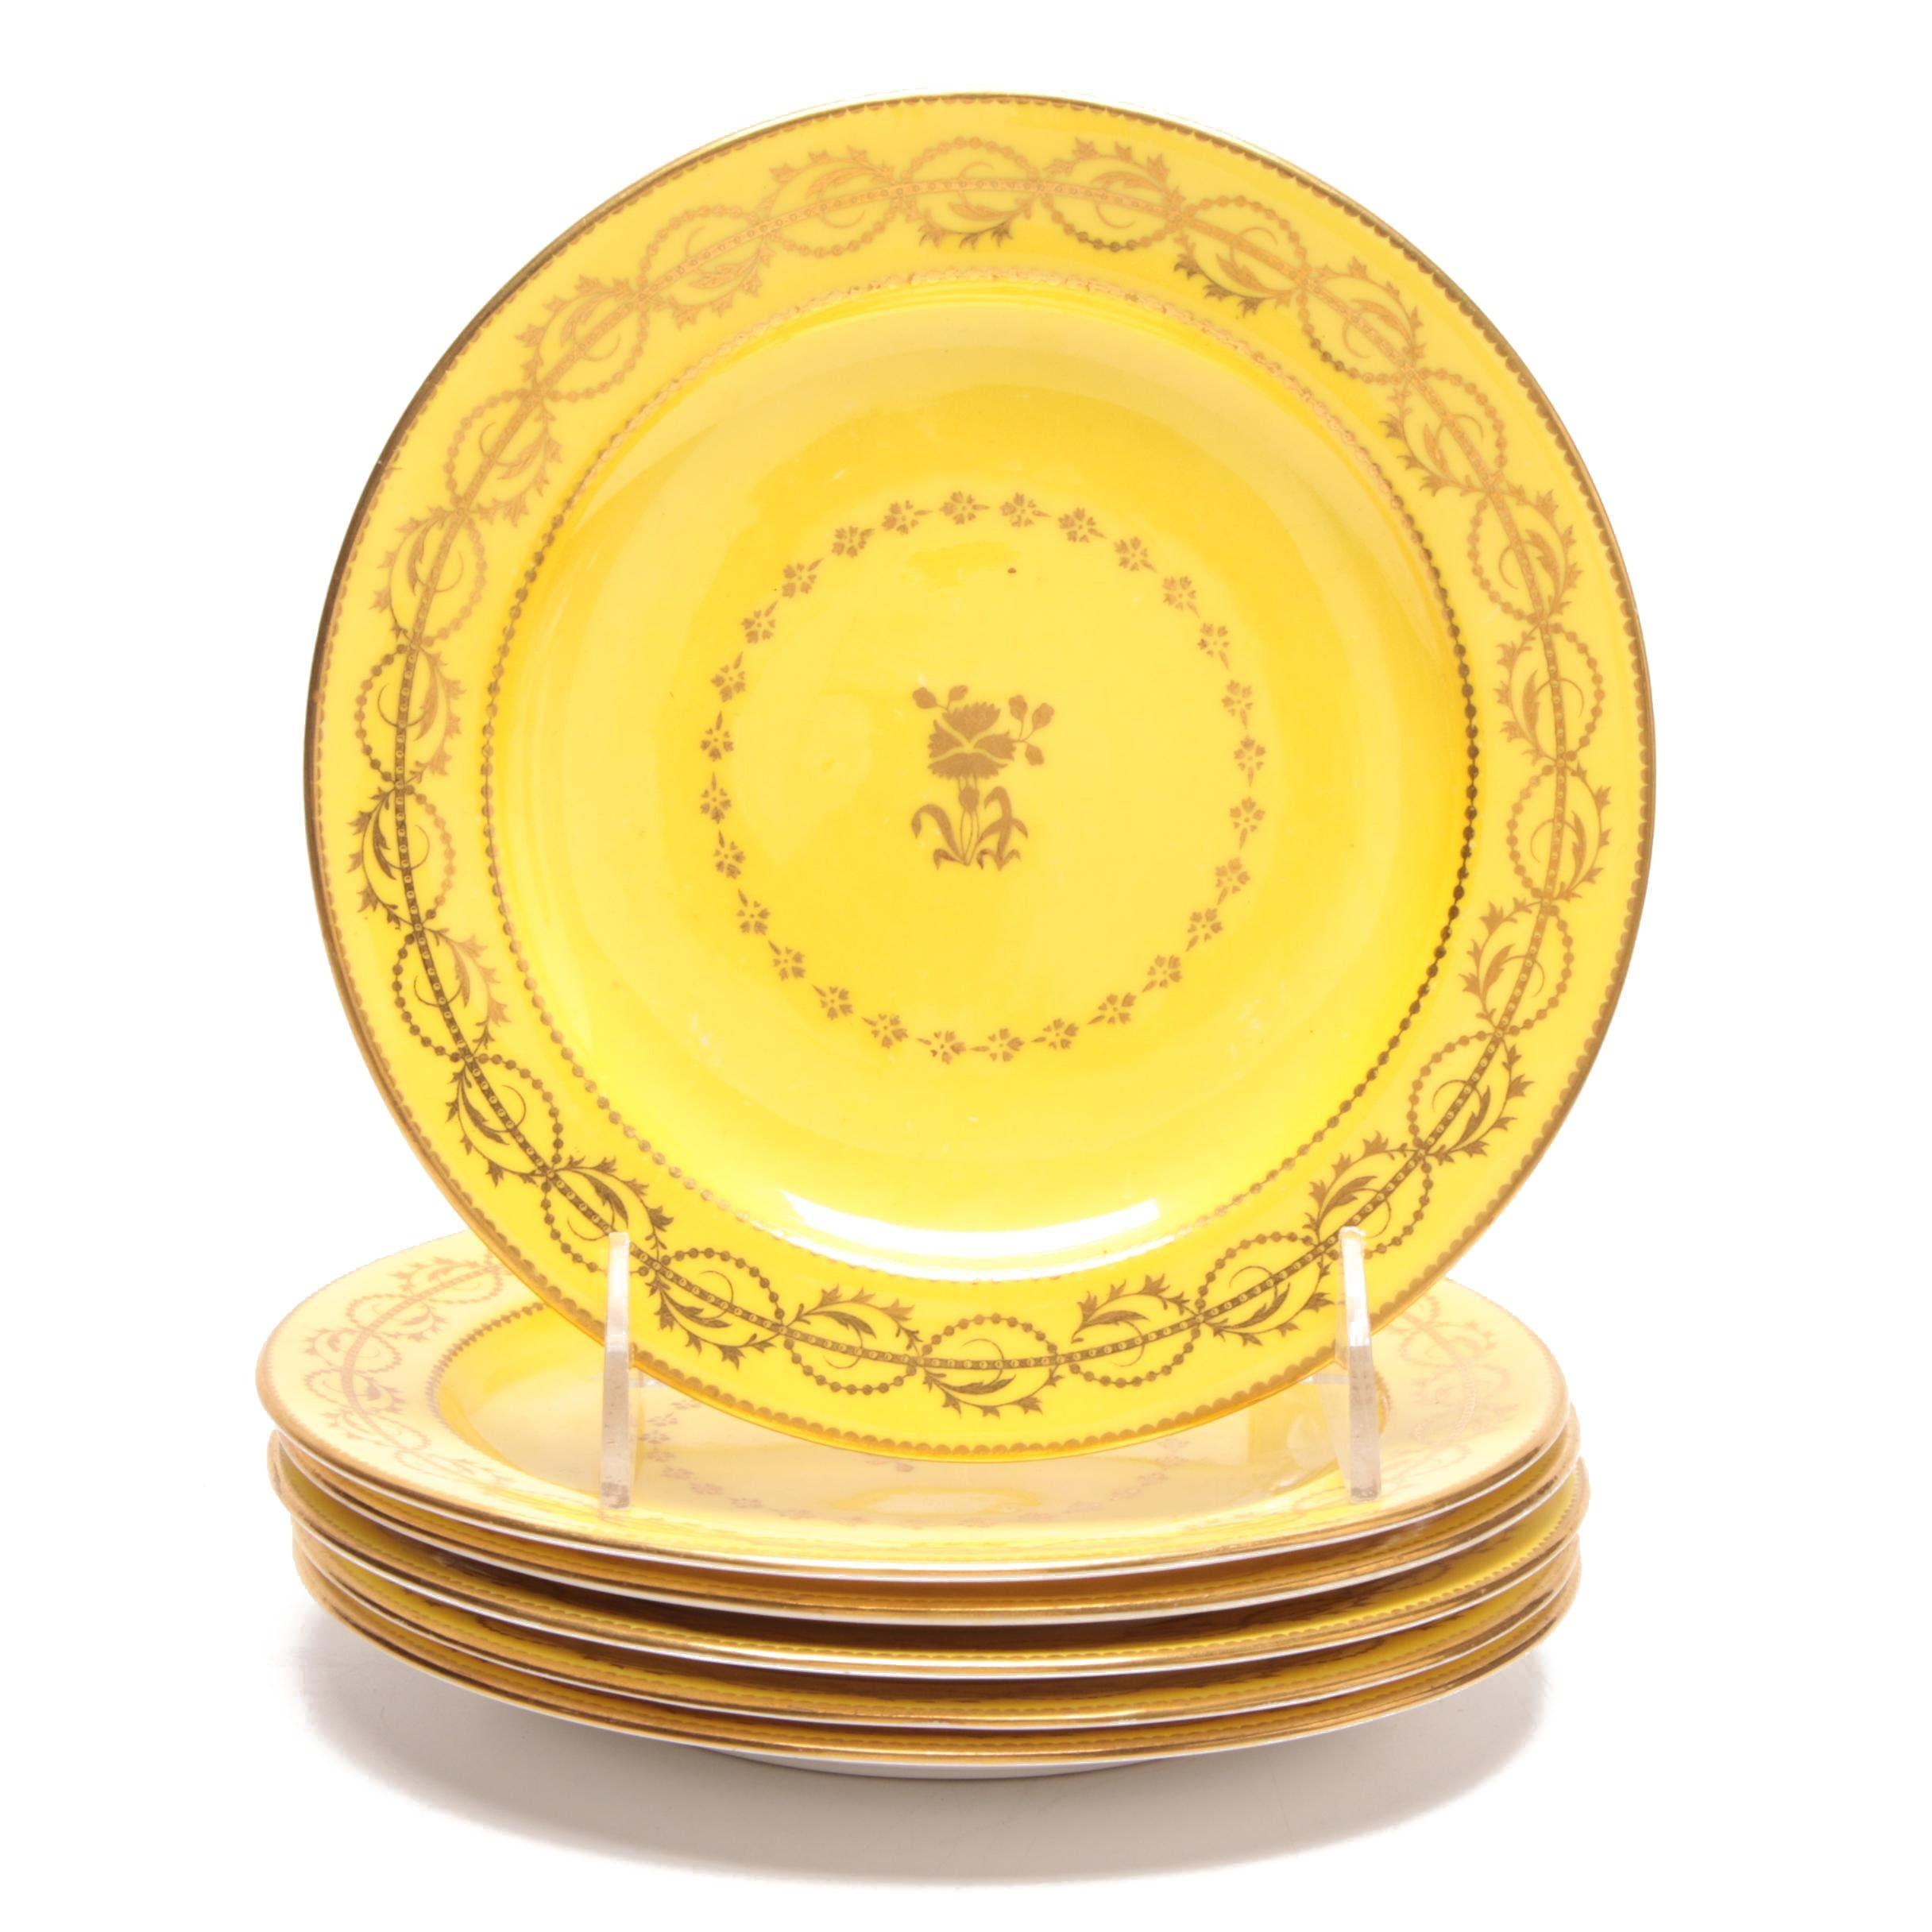 C. Shreve & Co Porcelain Dessert Plates